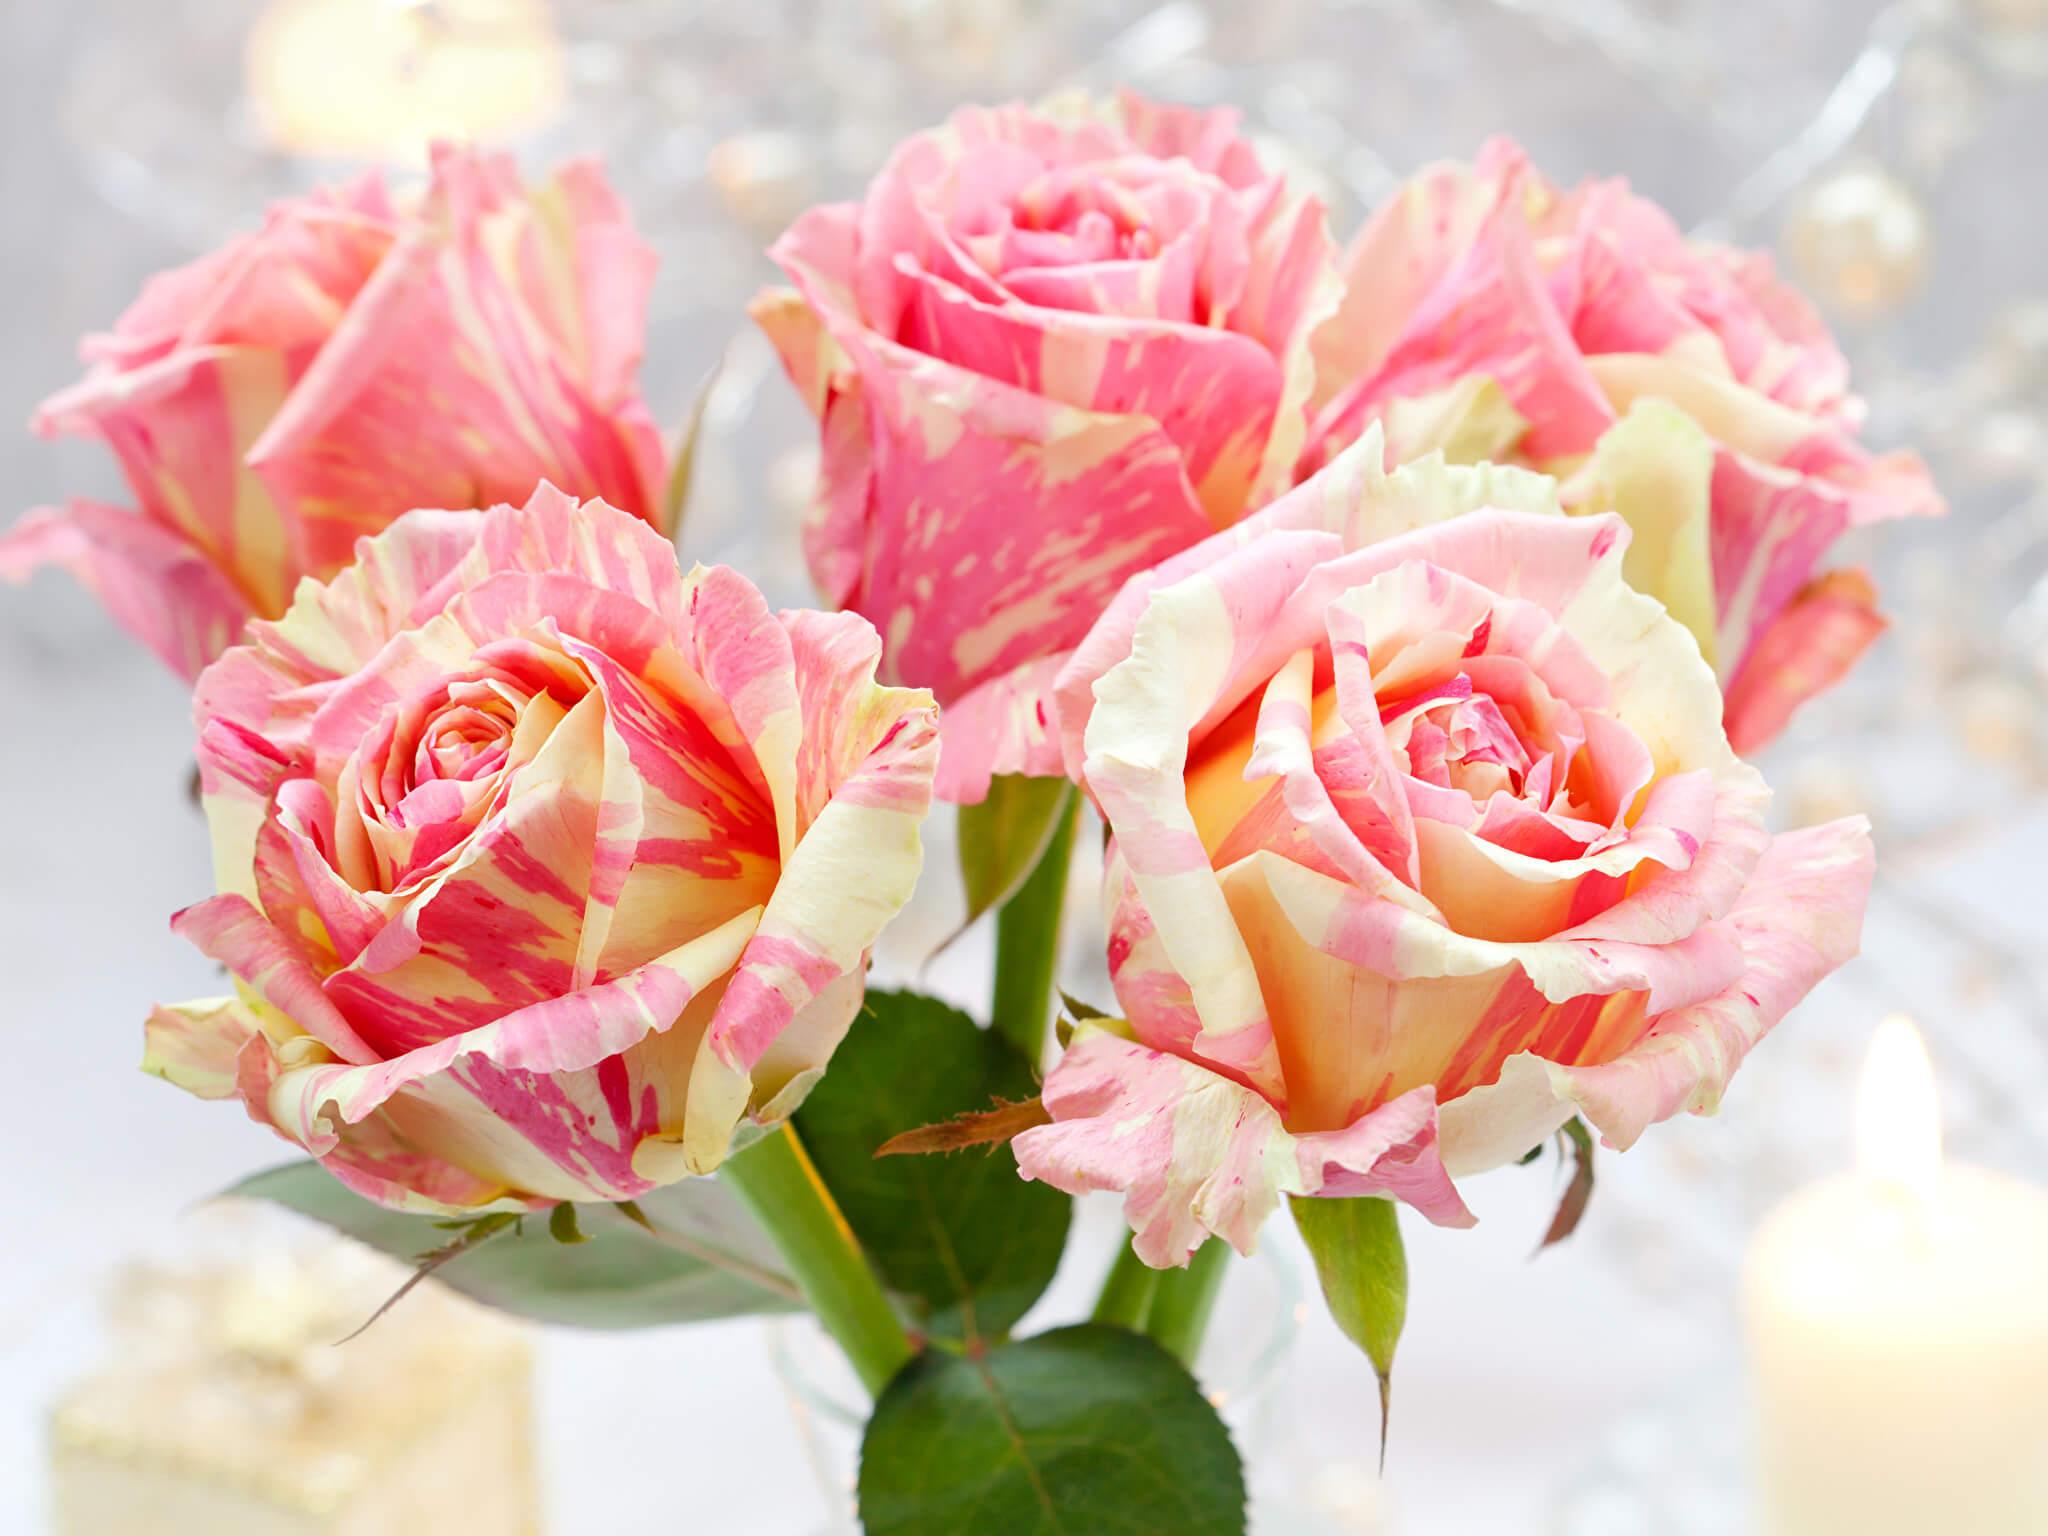 Удивительные картинки с розами, интересная сборка 27 фото 24